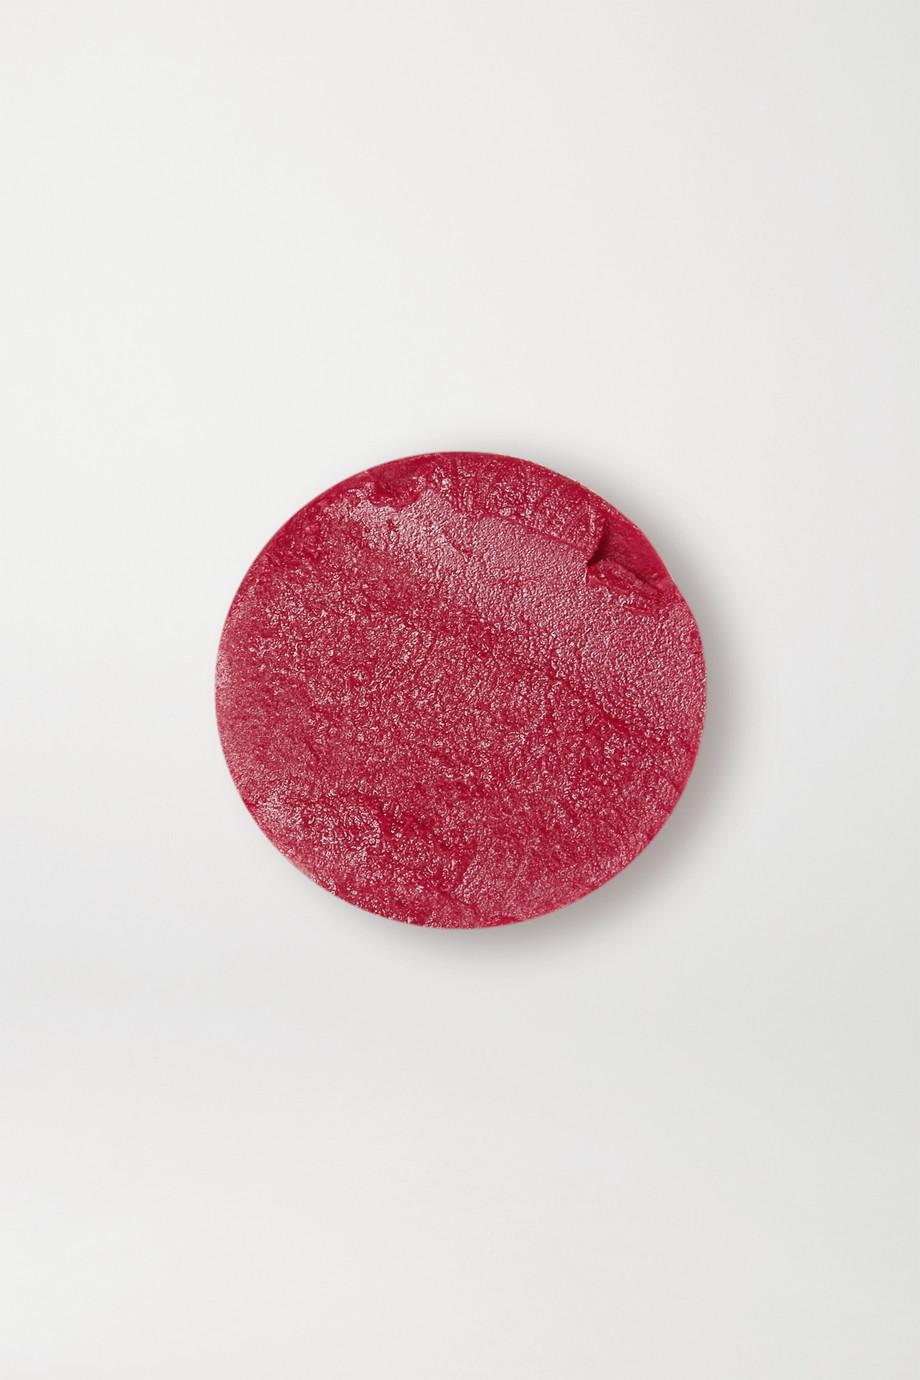 Ilia Tinted Lip Conditioner - Bang Bang